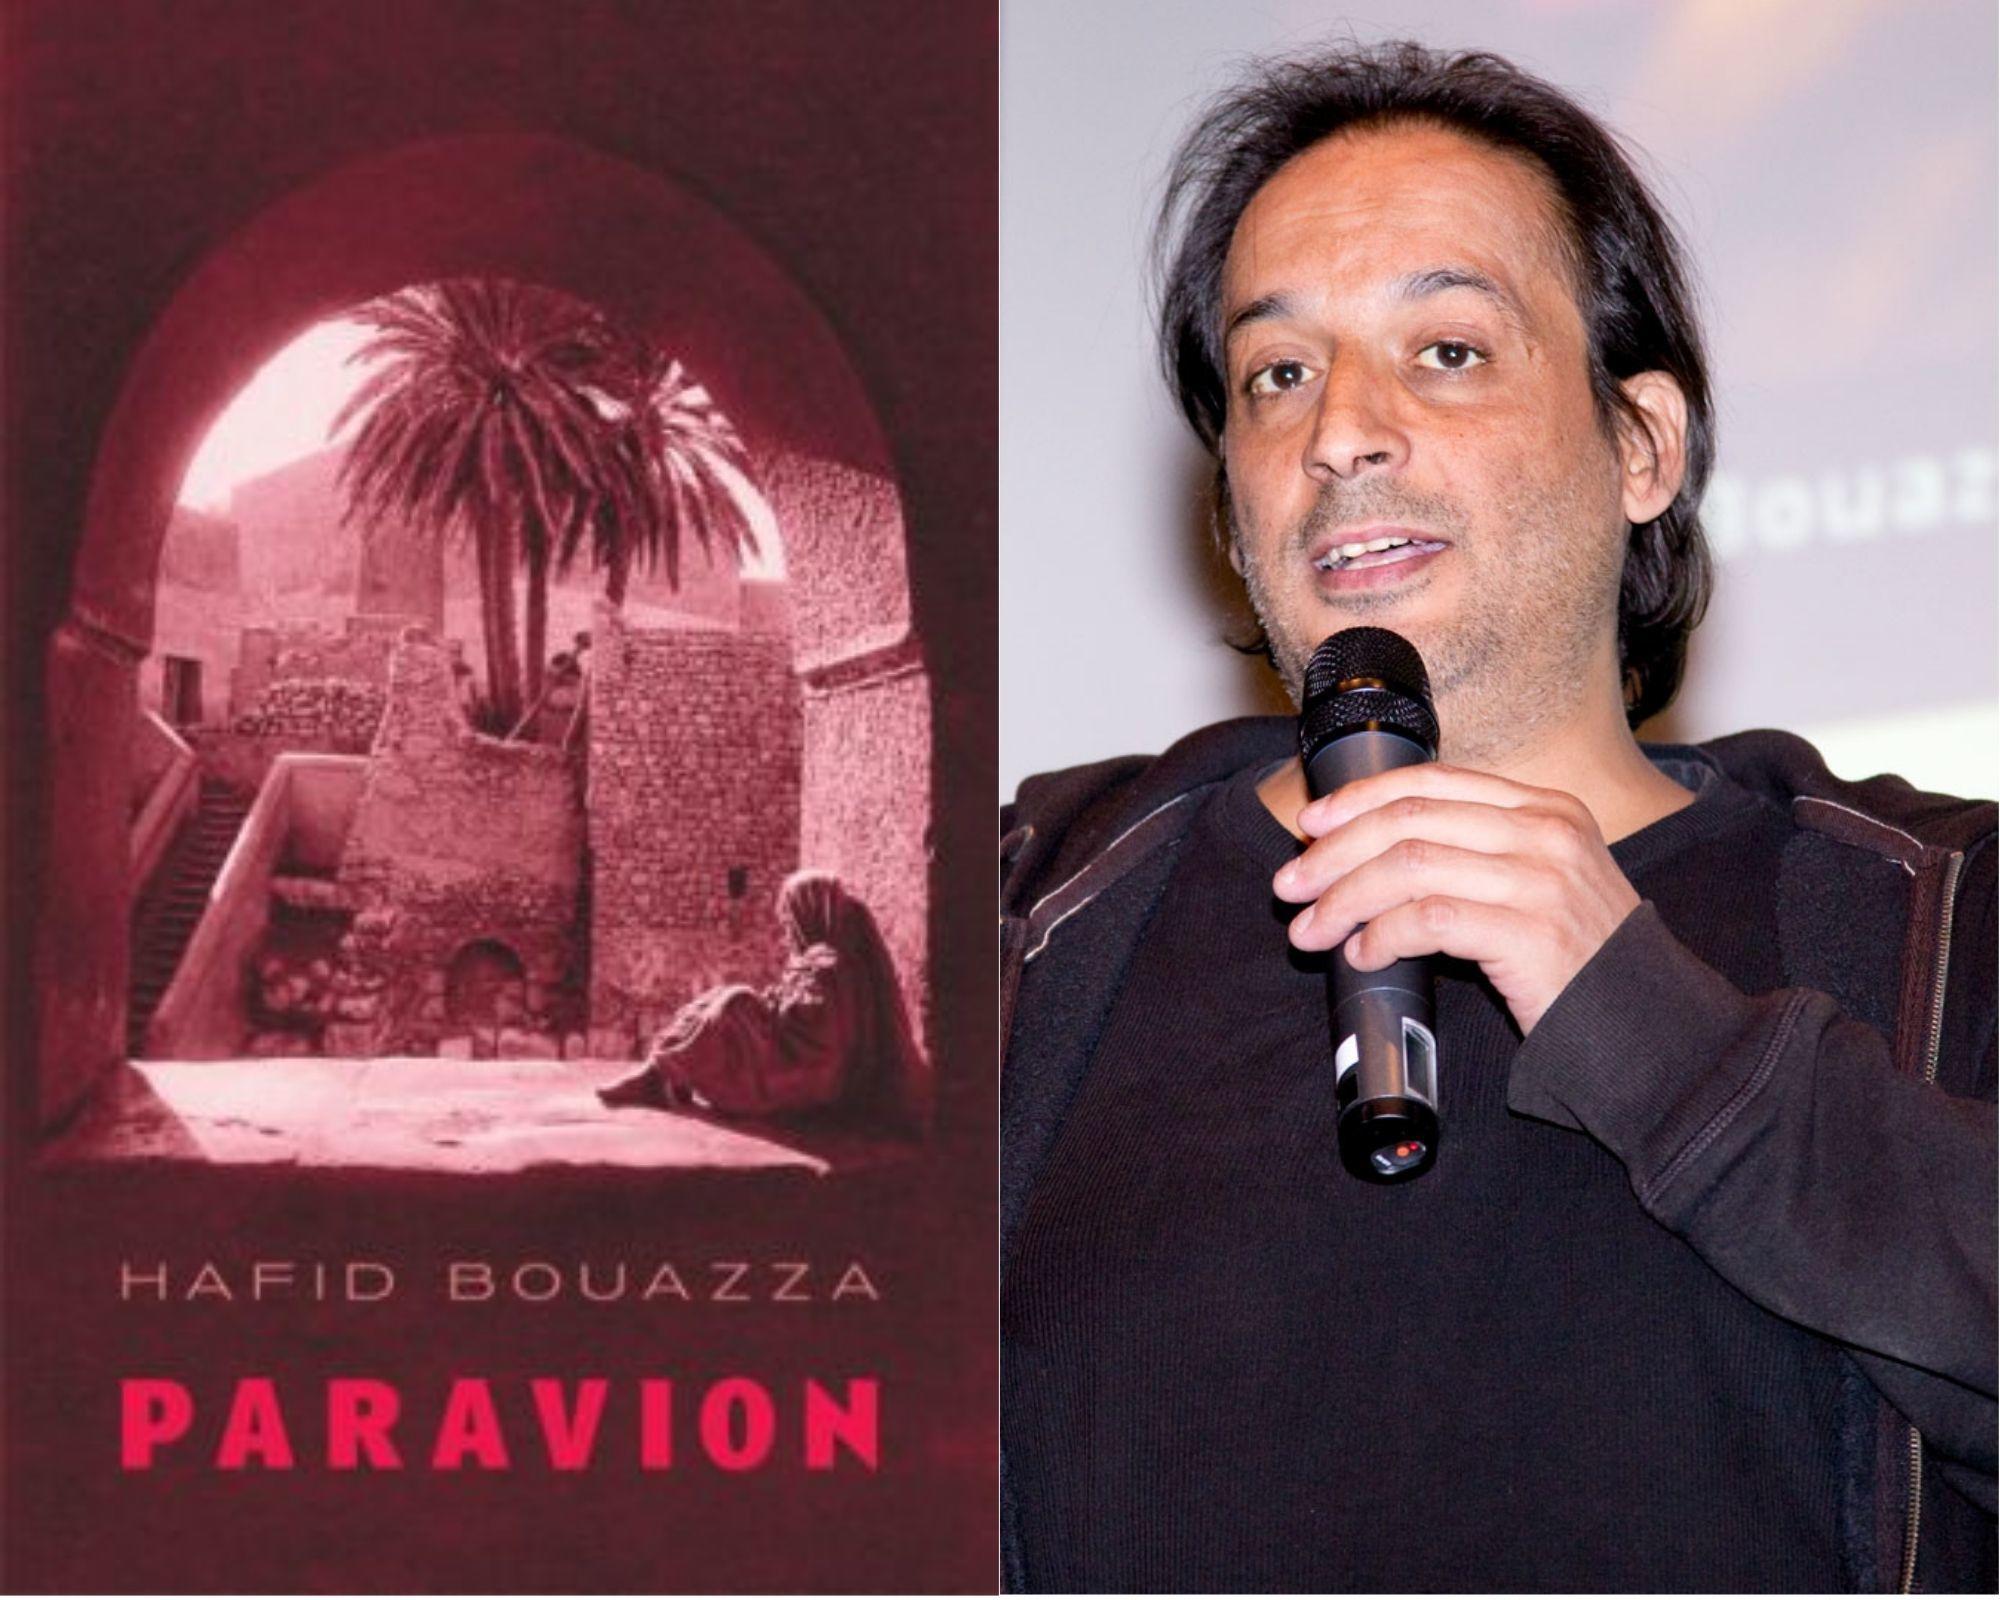 Bouazza met Paravion